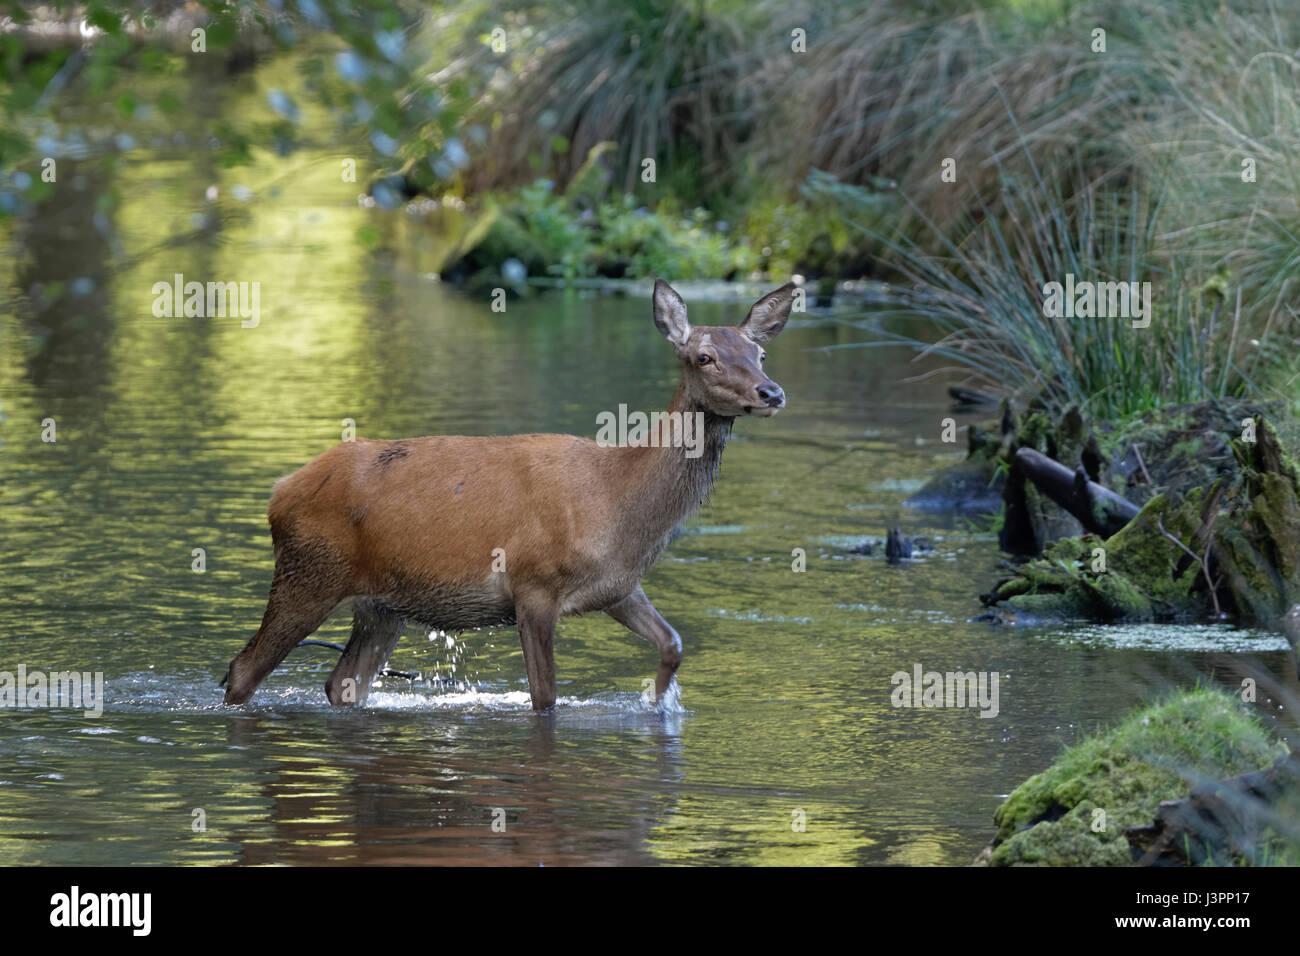 Red deer (Cervus elaphus) walking through water, Schleswig- Holstein, Germany, Europe Stock Photo